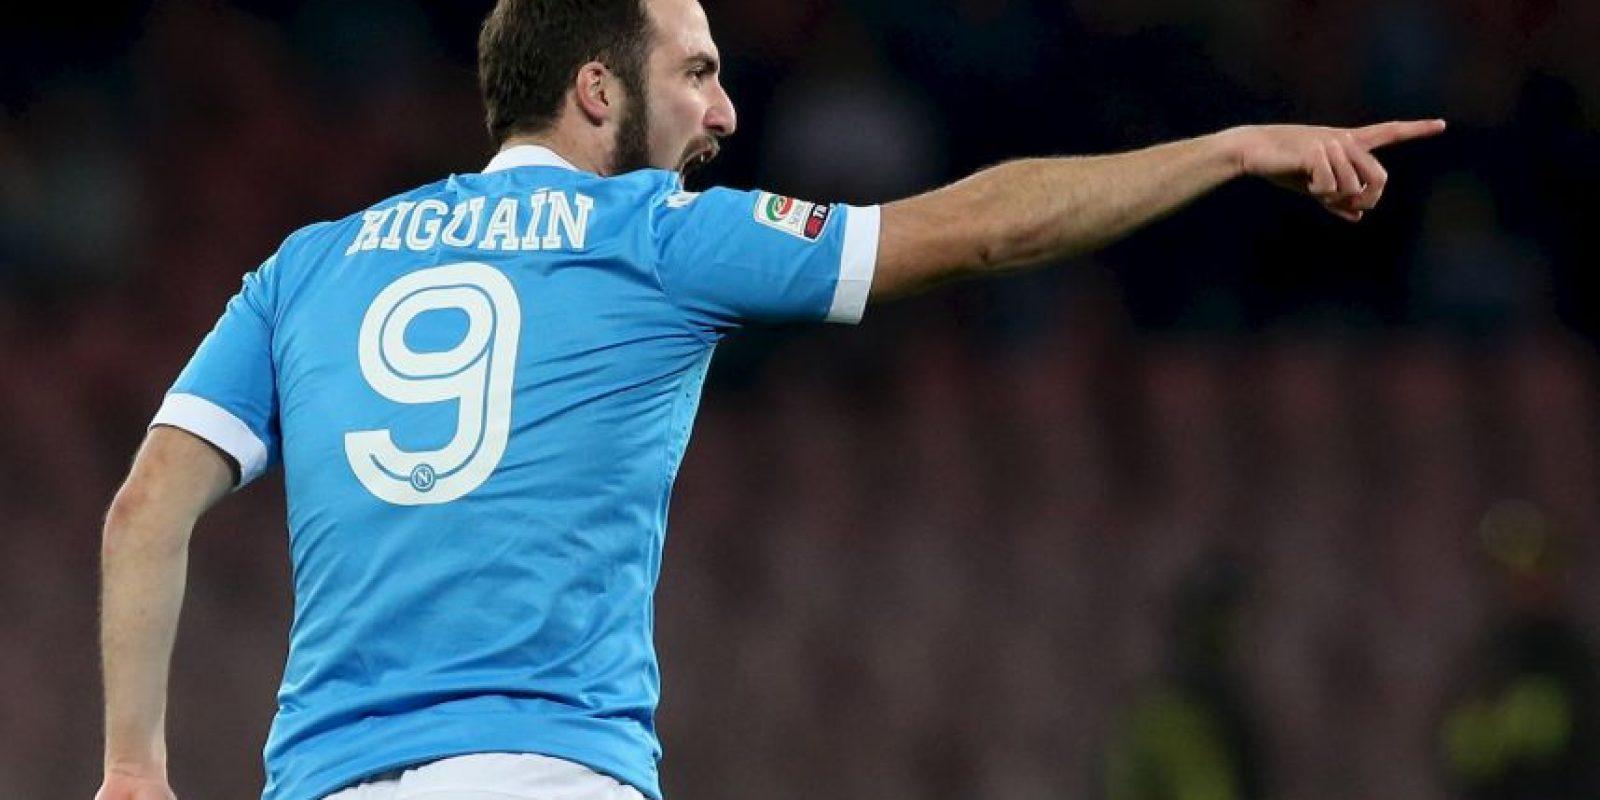 La Vecchia Signora ya dio a conocer su deseo de contar con el argentino, pero aseguraron que no pagarán la cláusula Foto:Getty Images